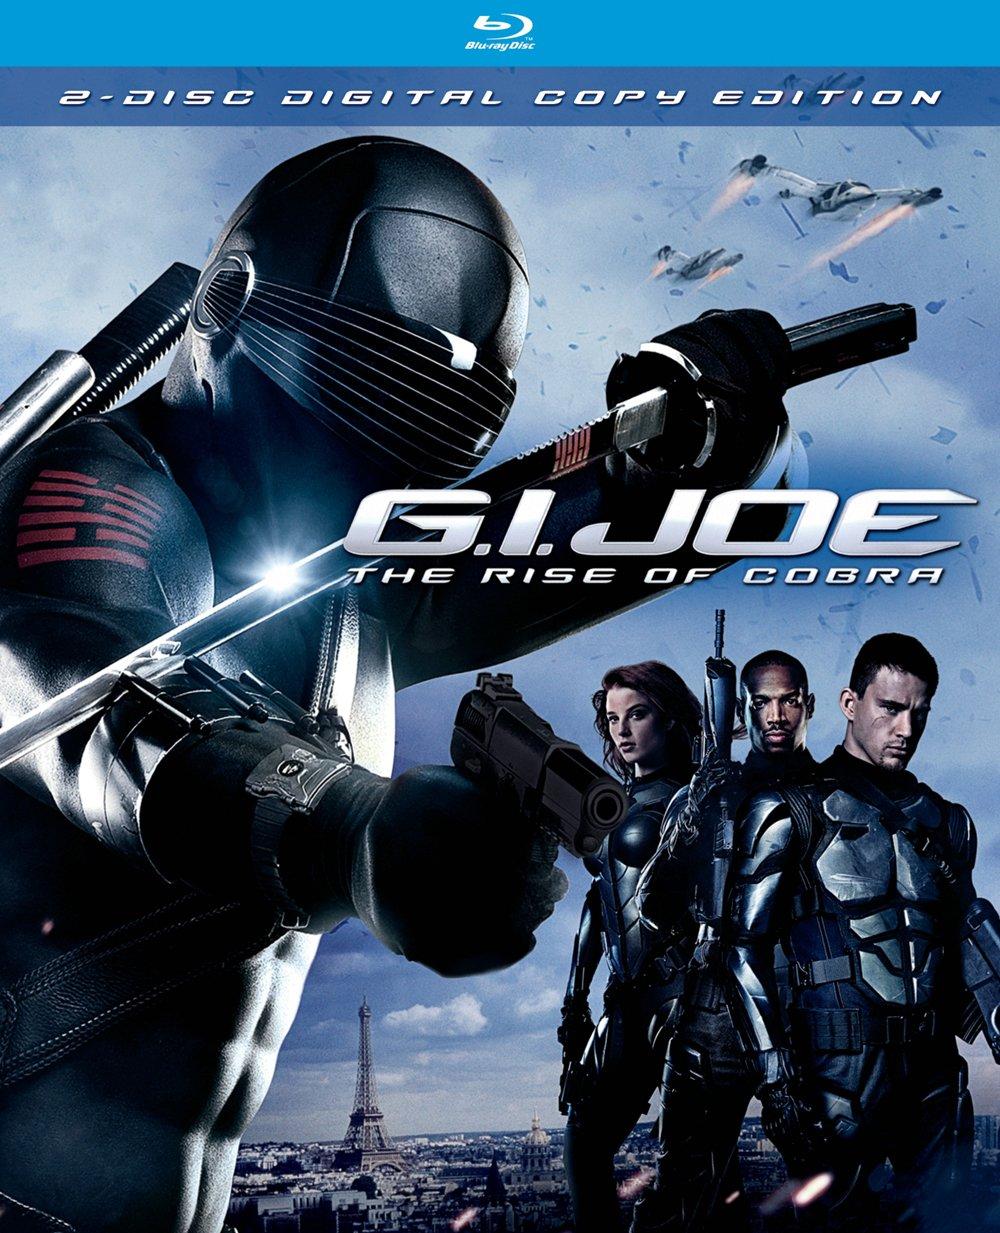 GI Joe The Rise of Cobra DVD Release Date November 3 2009